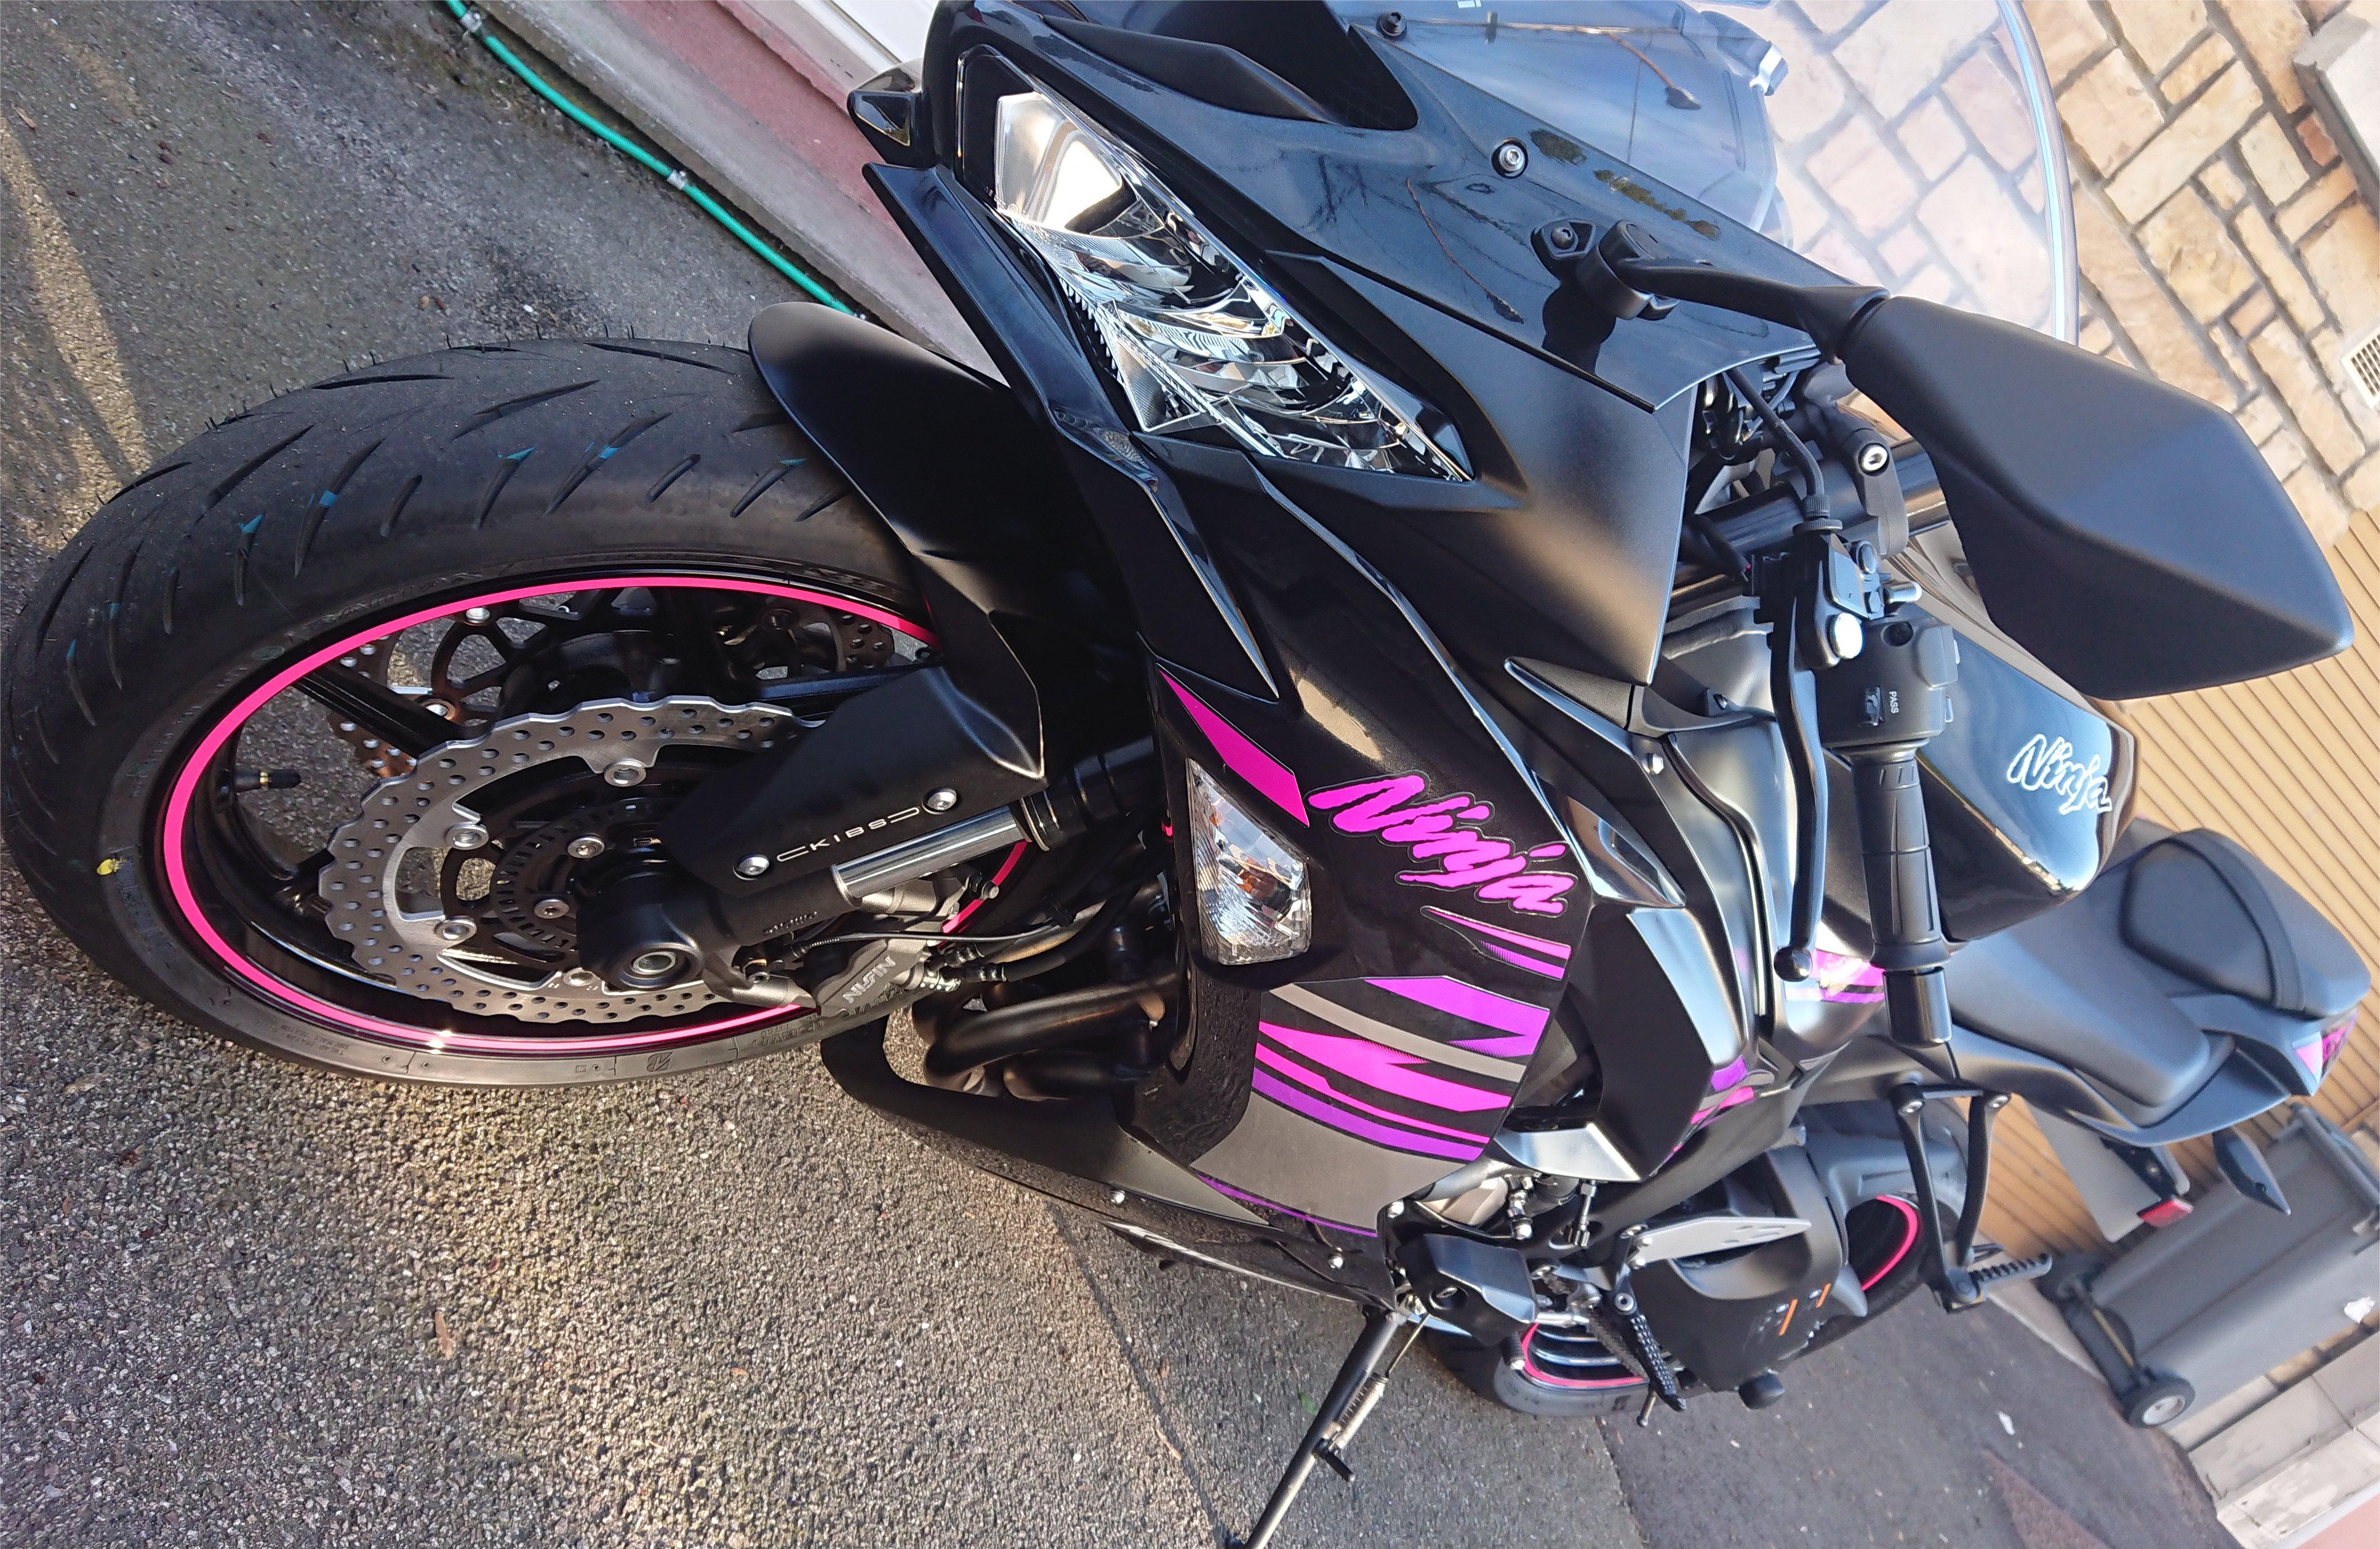 636 - 2019 - Pink KRT Zx6R-3